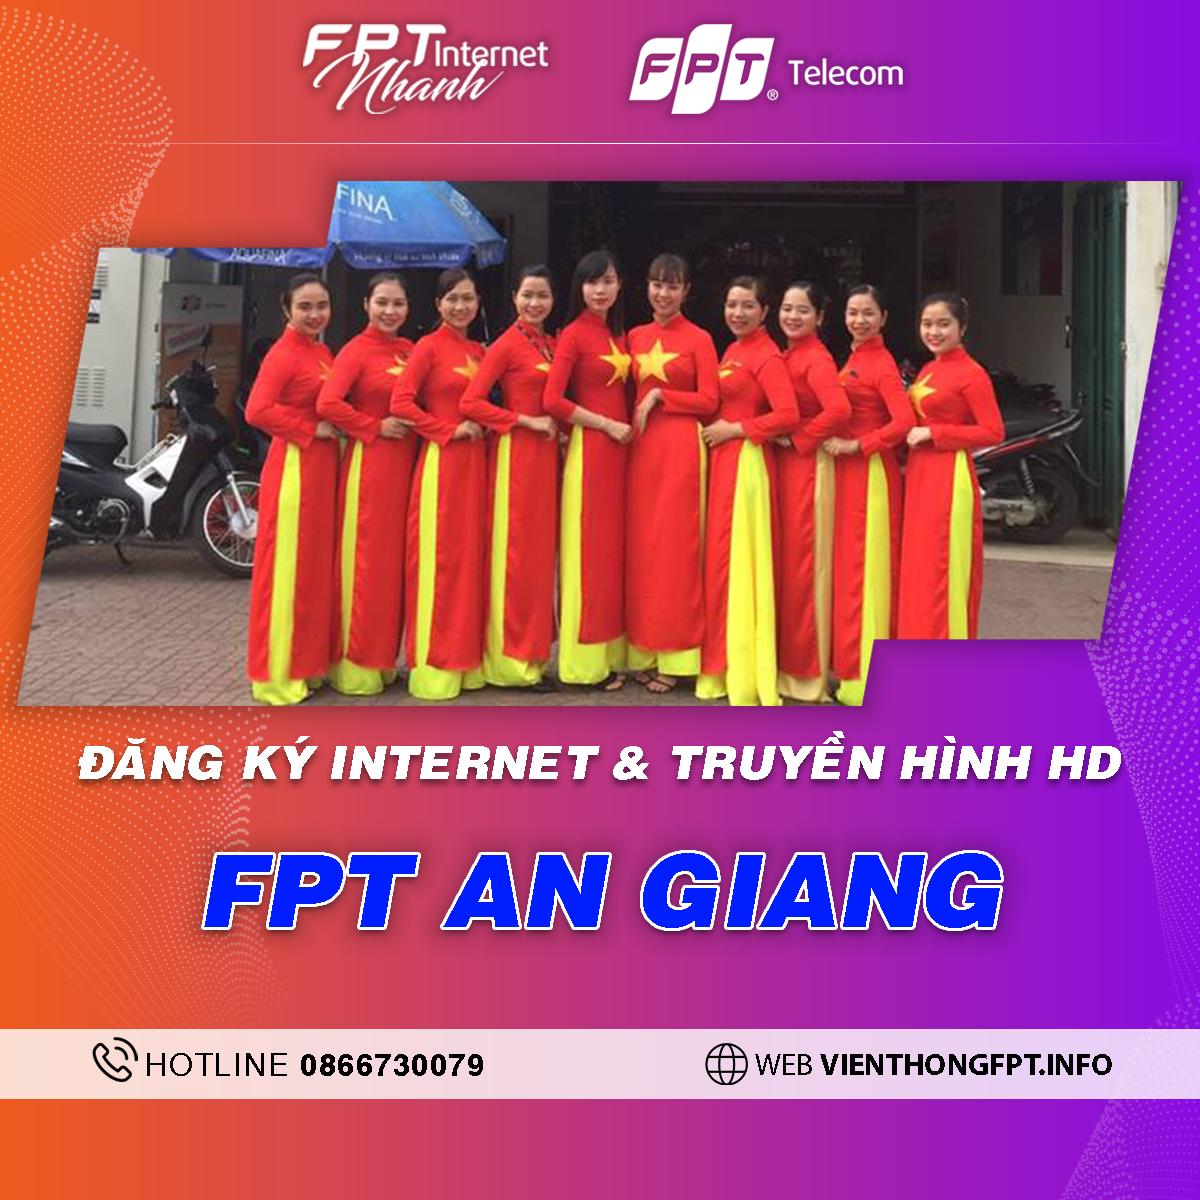 FPT An Giang - Tổng đài lắp mạng Internet + Truyền hình FPT